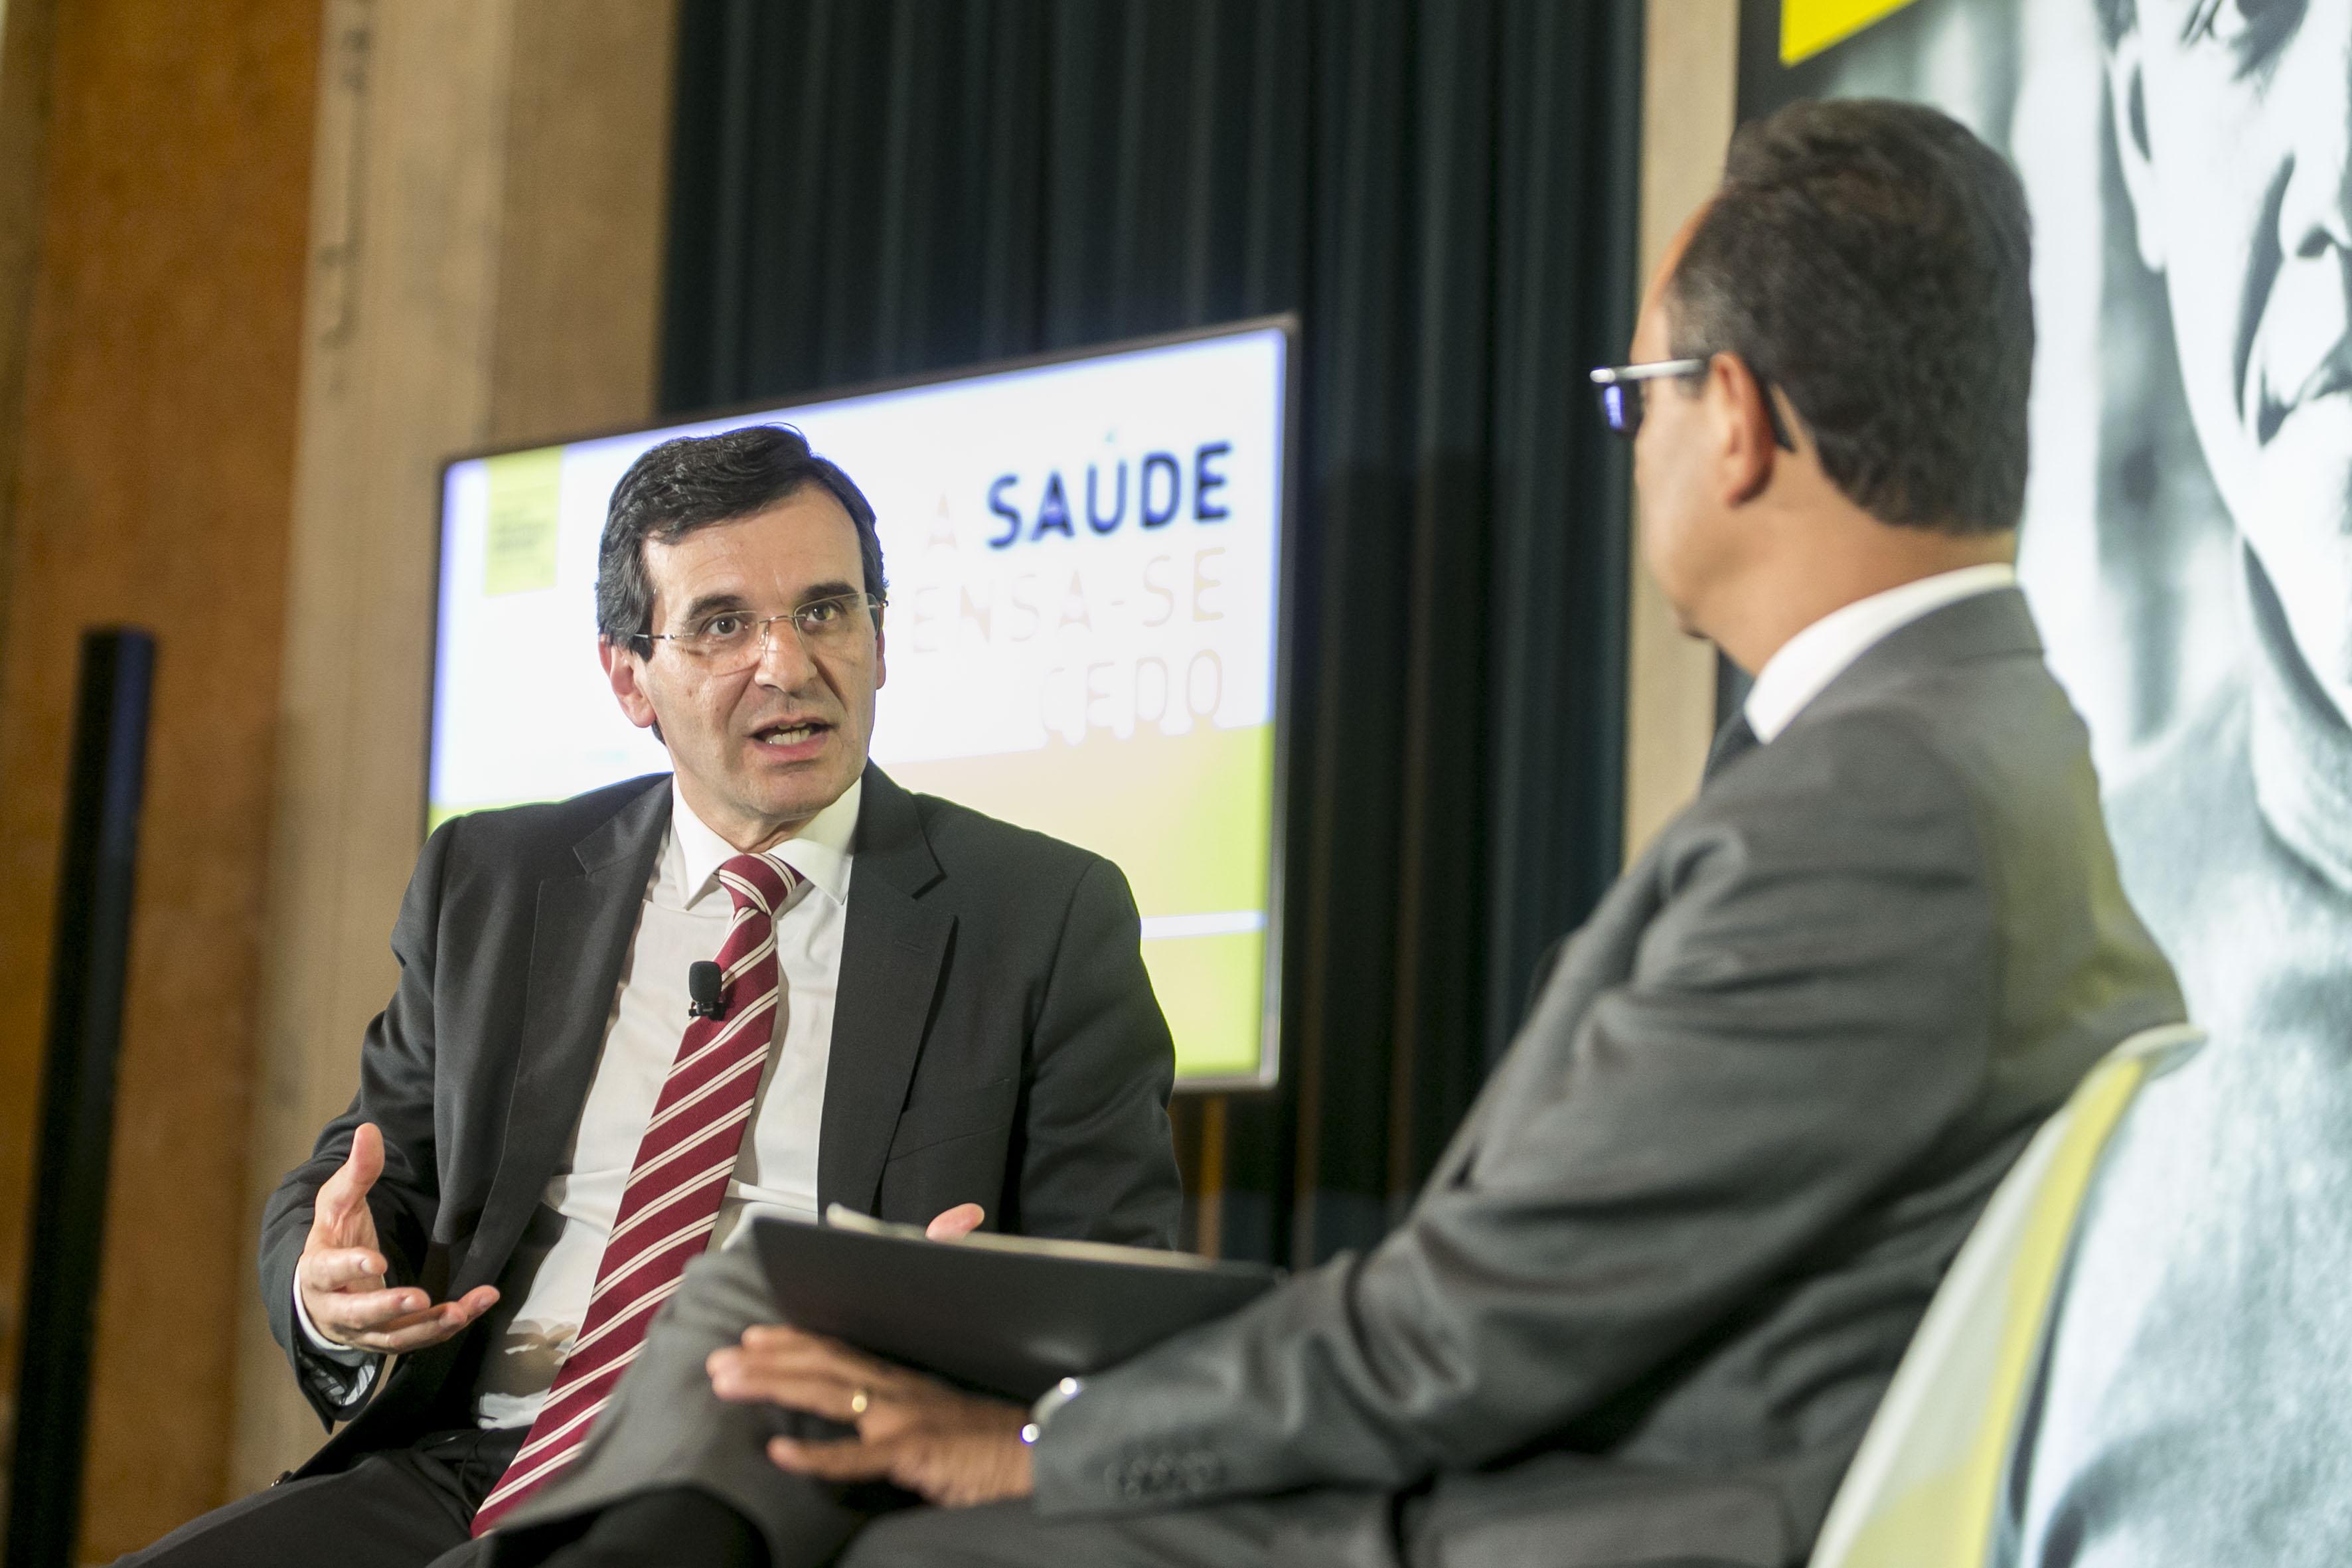 Ministro da Saúde, Adalberto Campos Fernandes, no momento de avaliação das recomendações.